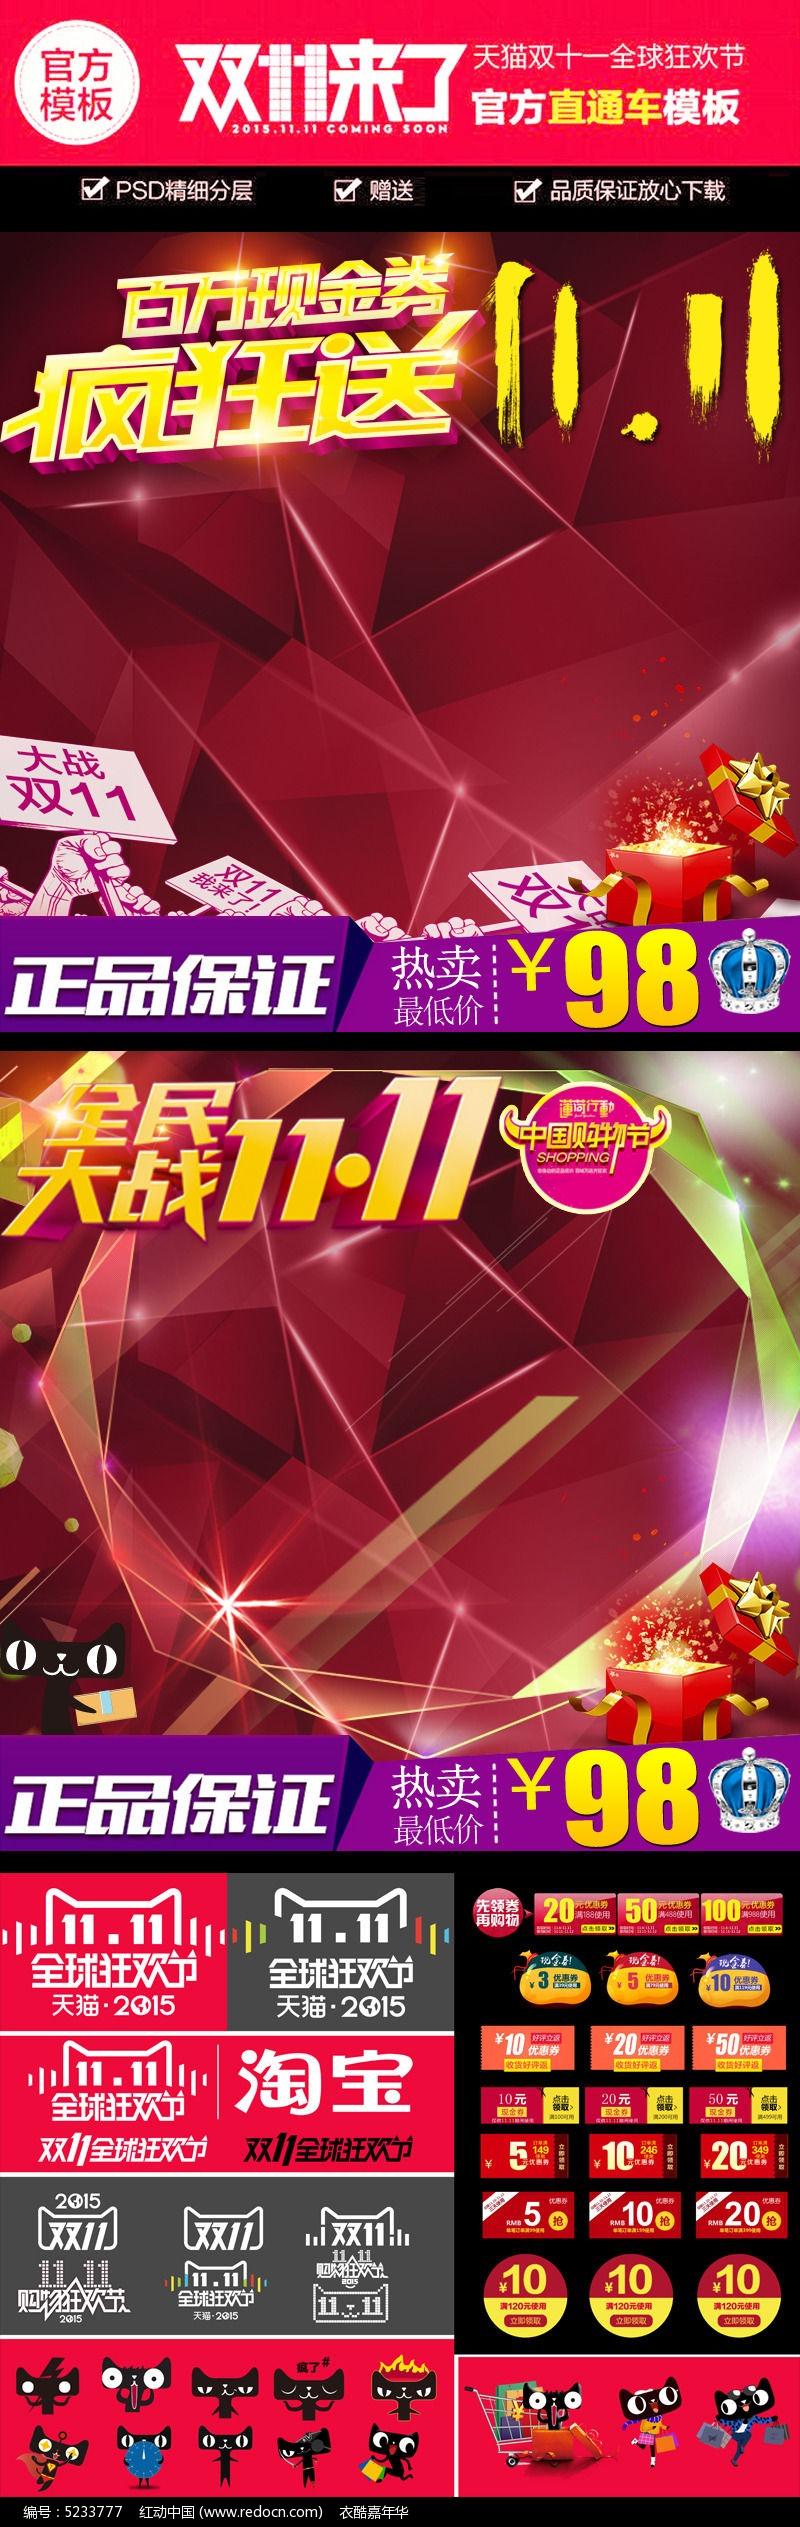 淘宝天猫双11氛围图直通车图片PSD素材下载 编号5233777 红动网